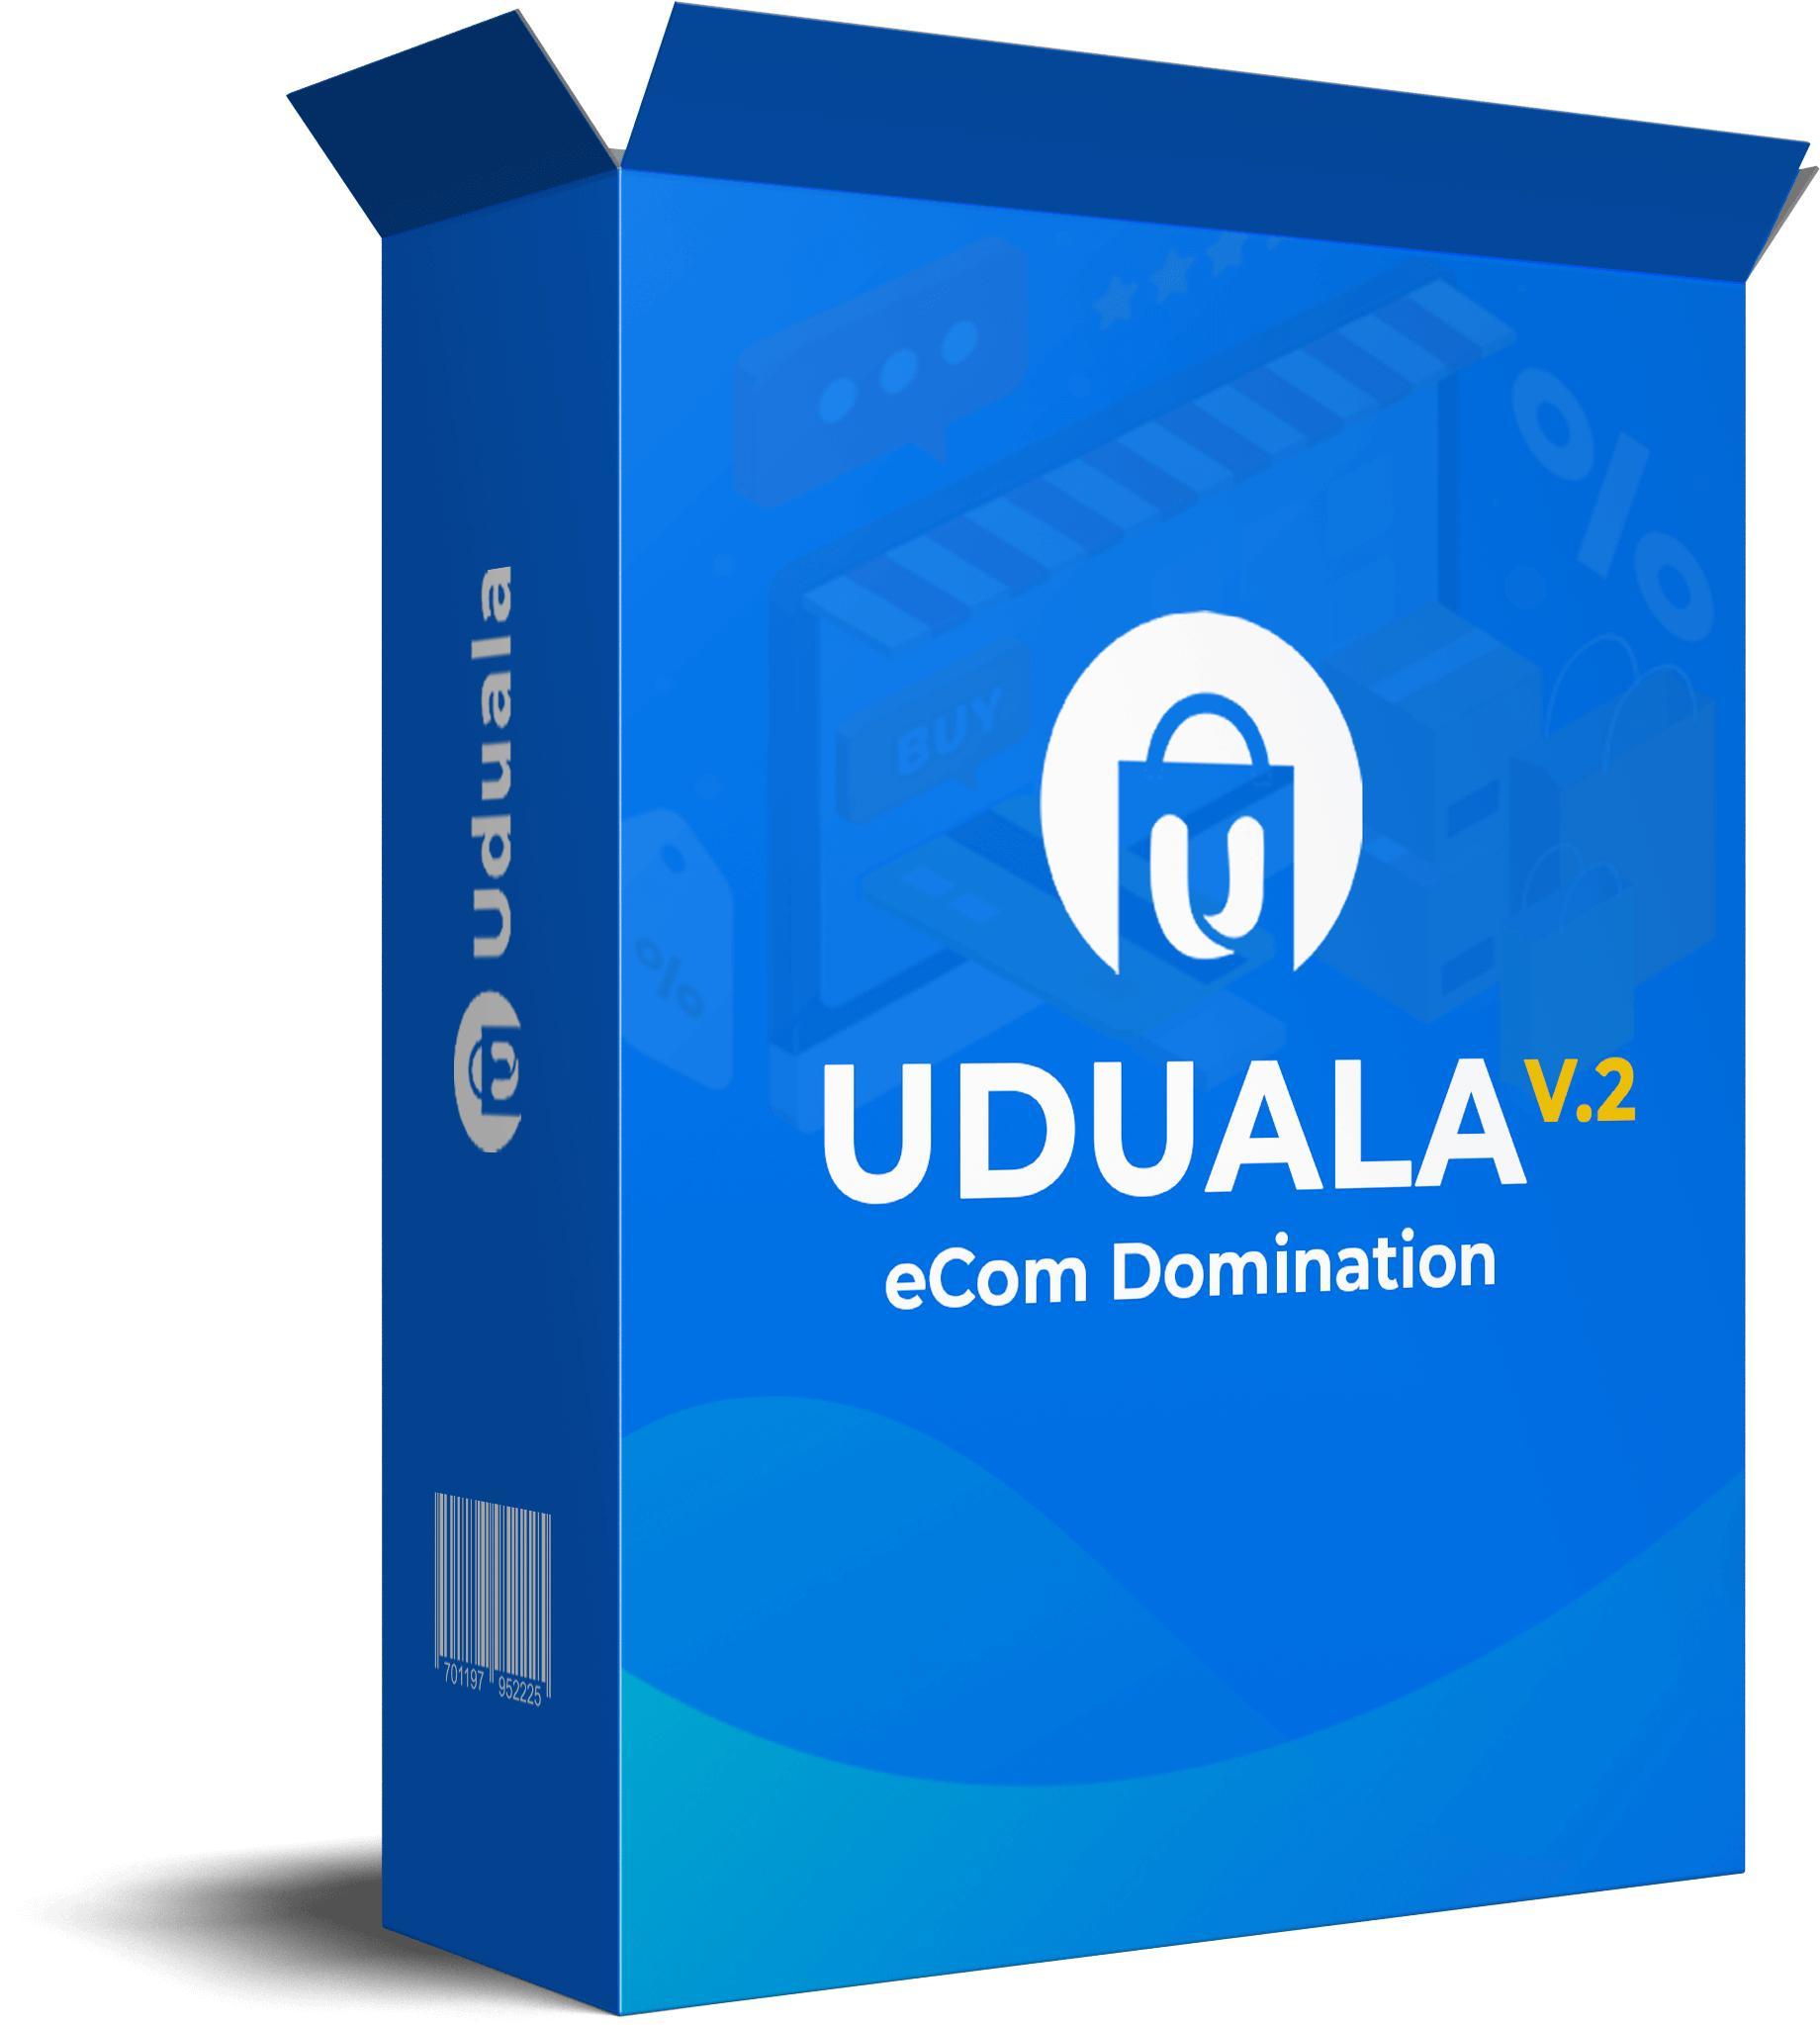 Uduala-Ecom-V2-Review